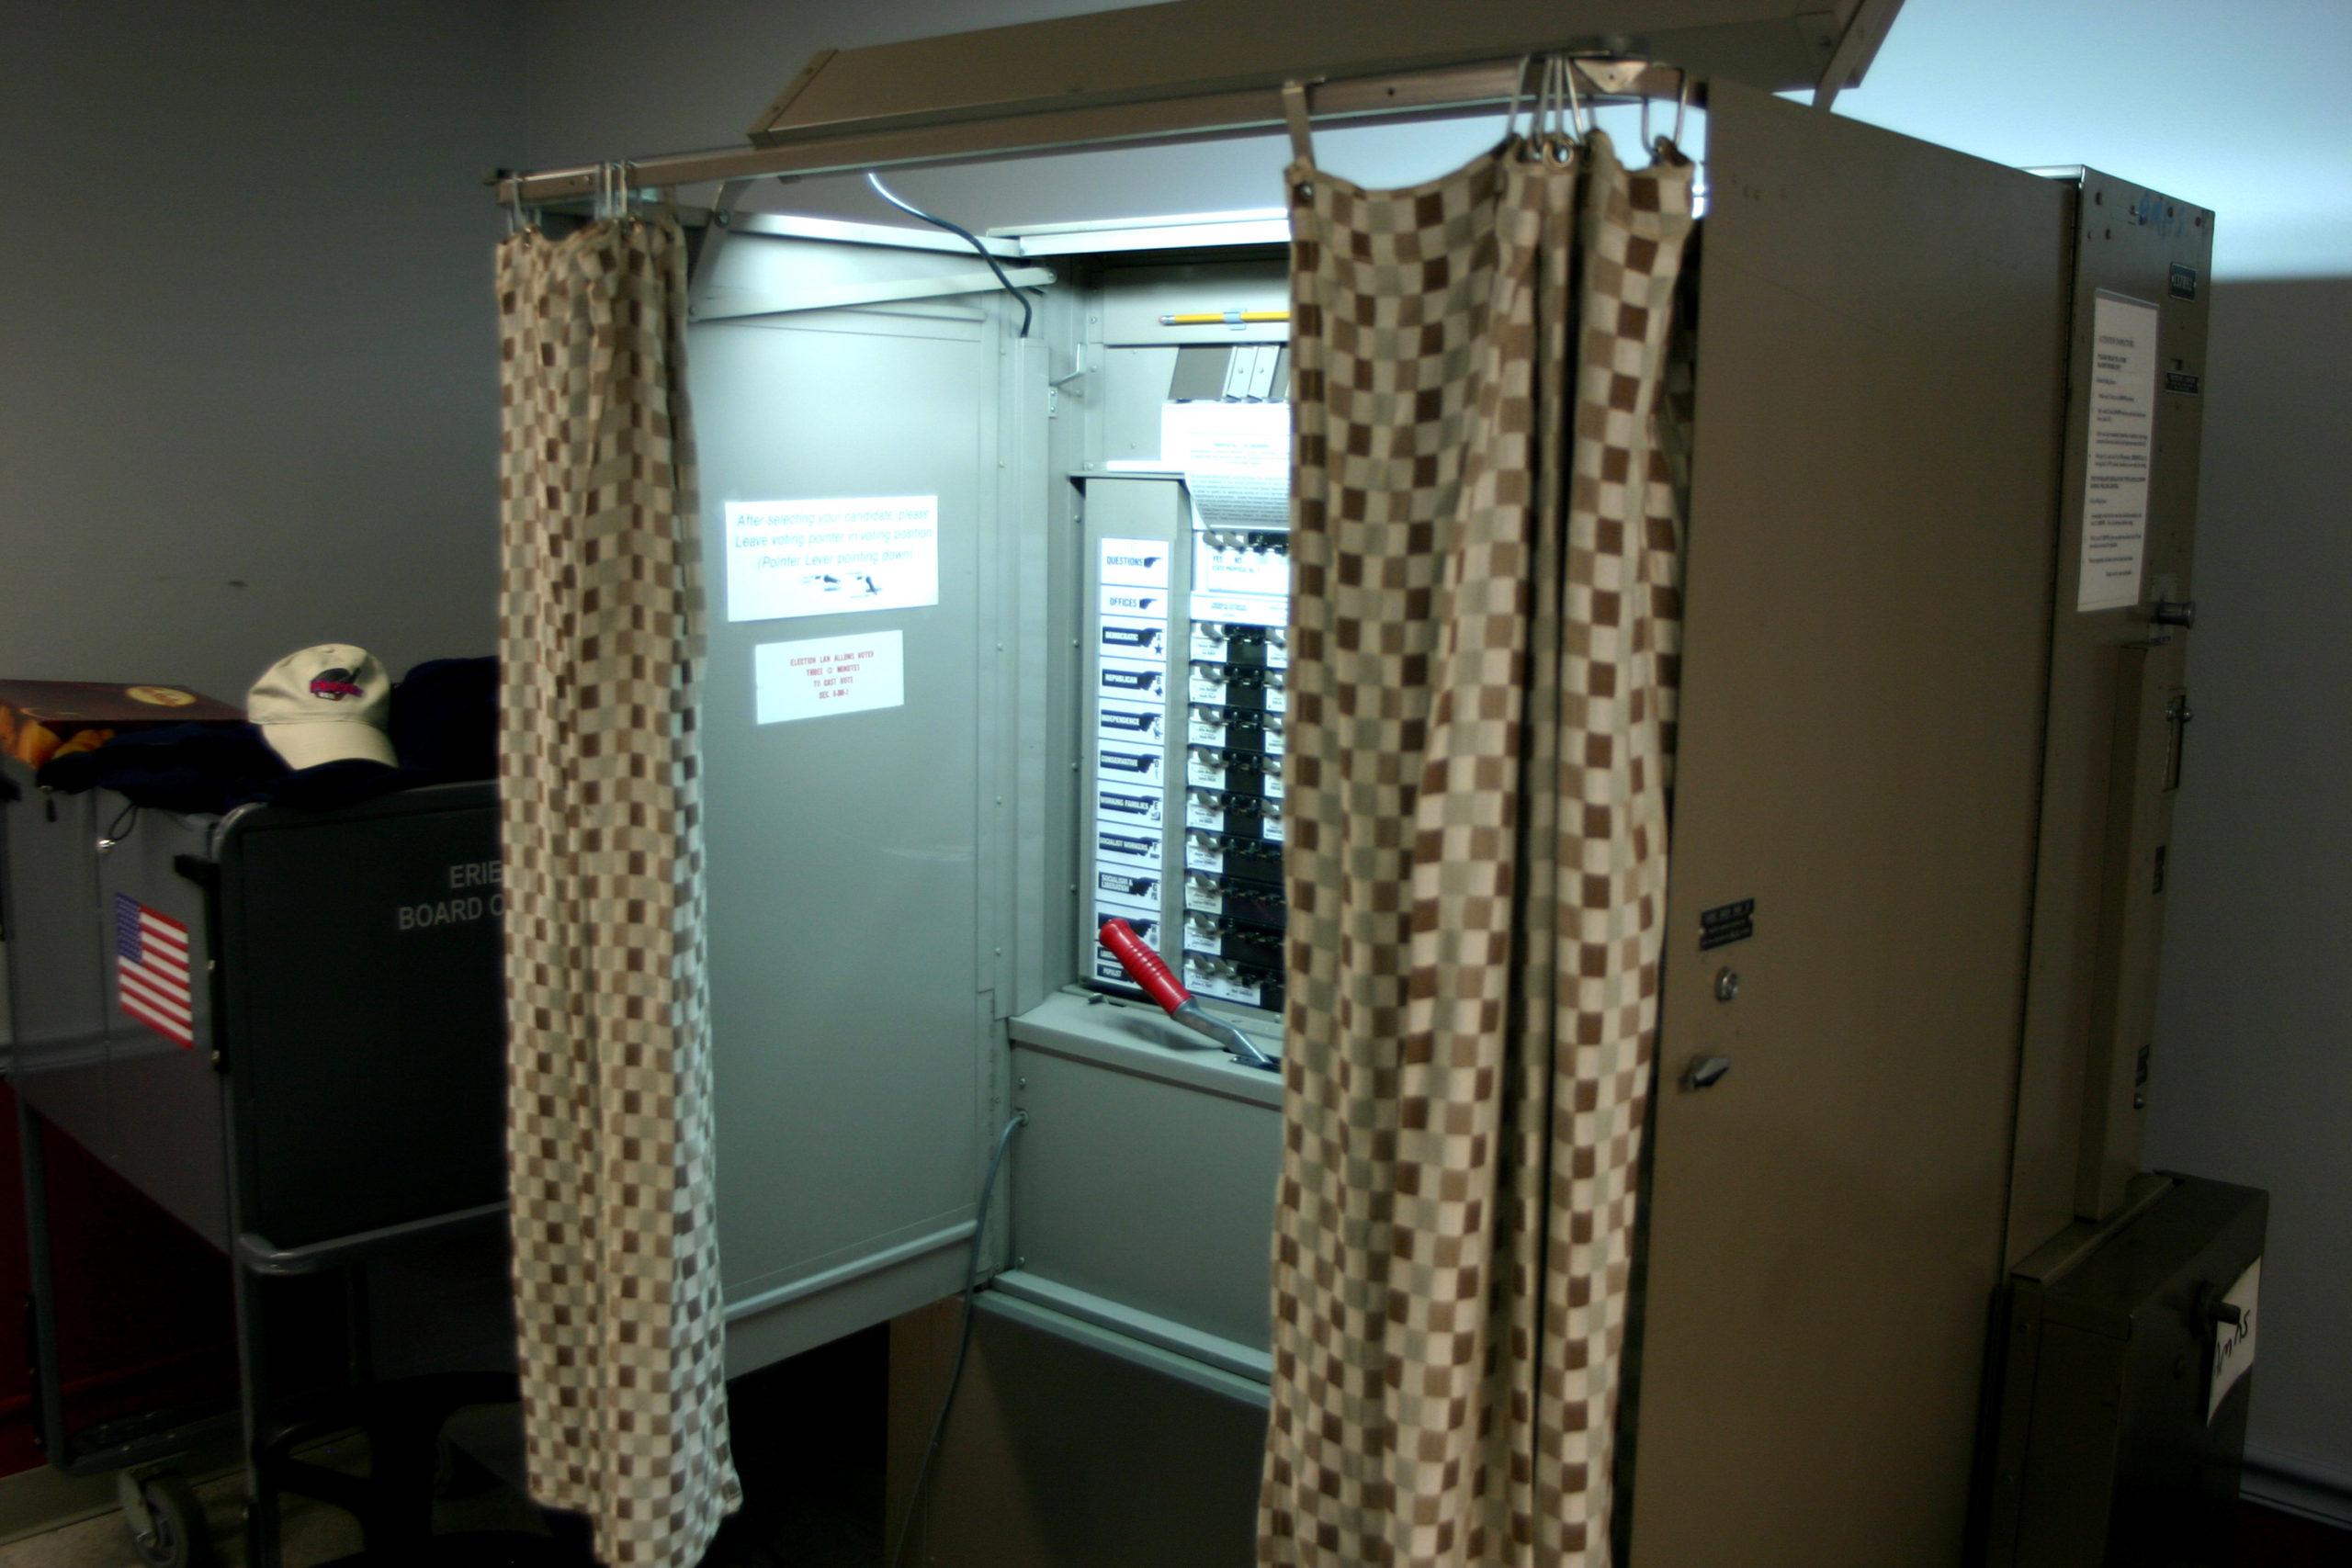 Montco prepared for voting machine upgrade